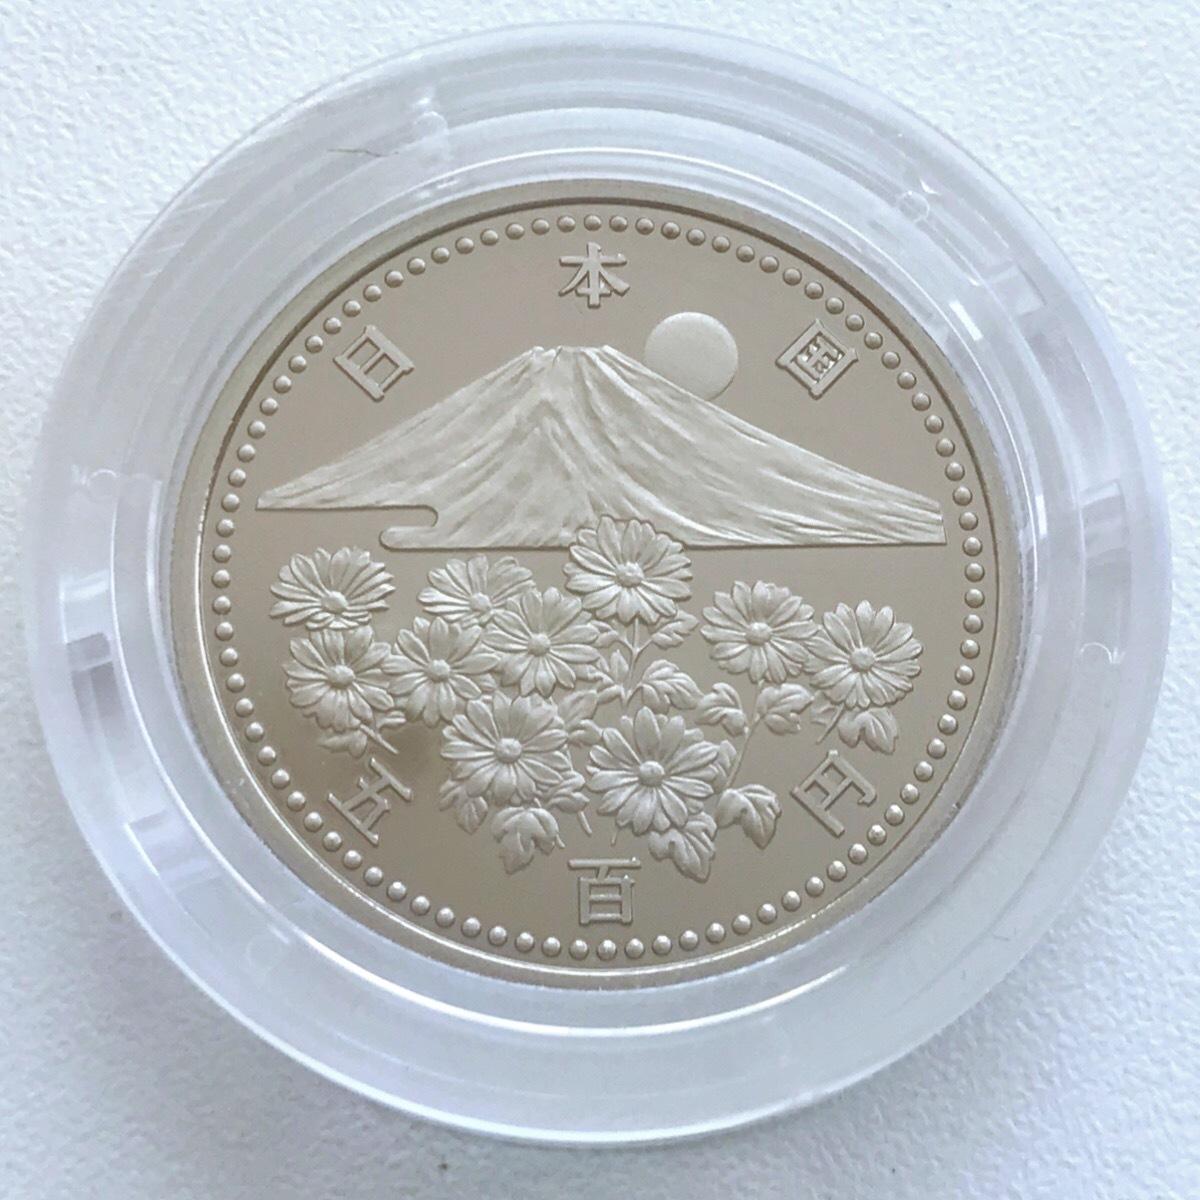 天皇陛下御在位10年記念 ◆ 1万円金貨 500円白銅貨 ◆ プルーフ 貨幣セット ◆ 平成11年 箱・ケース付き K24 純金 _画像8